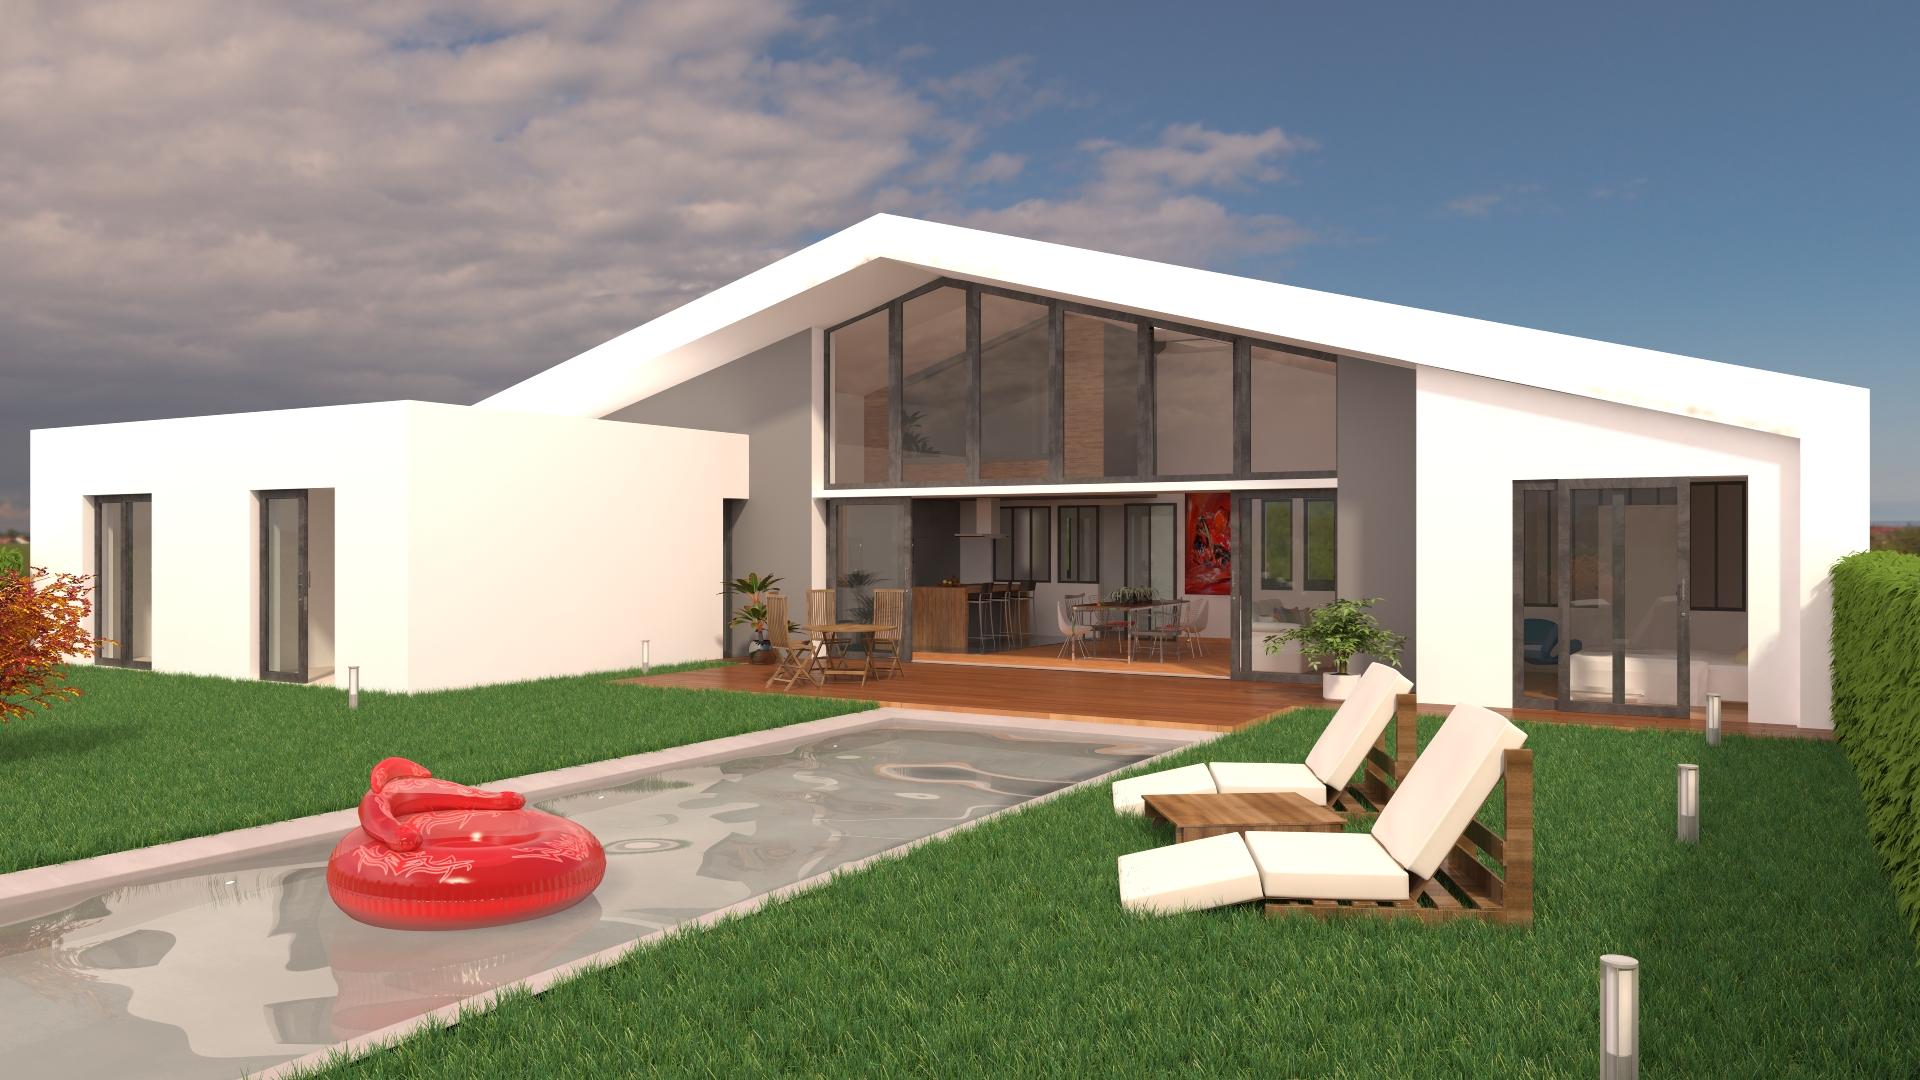 Constructeur maison individuelle poitiers maison moderne for Constructeur piscine poitiers